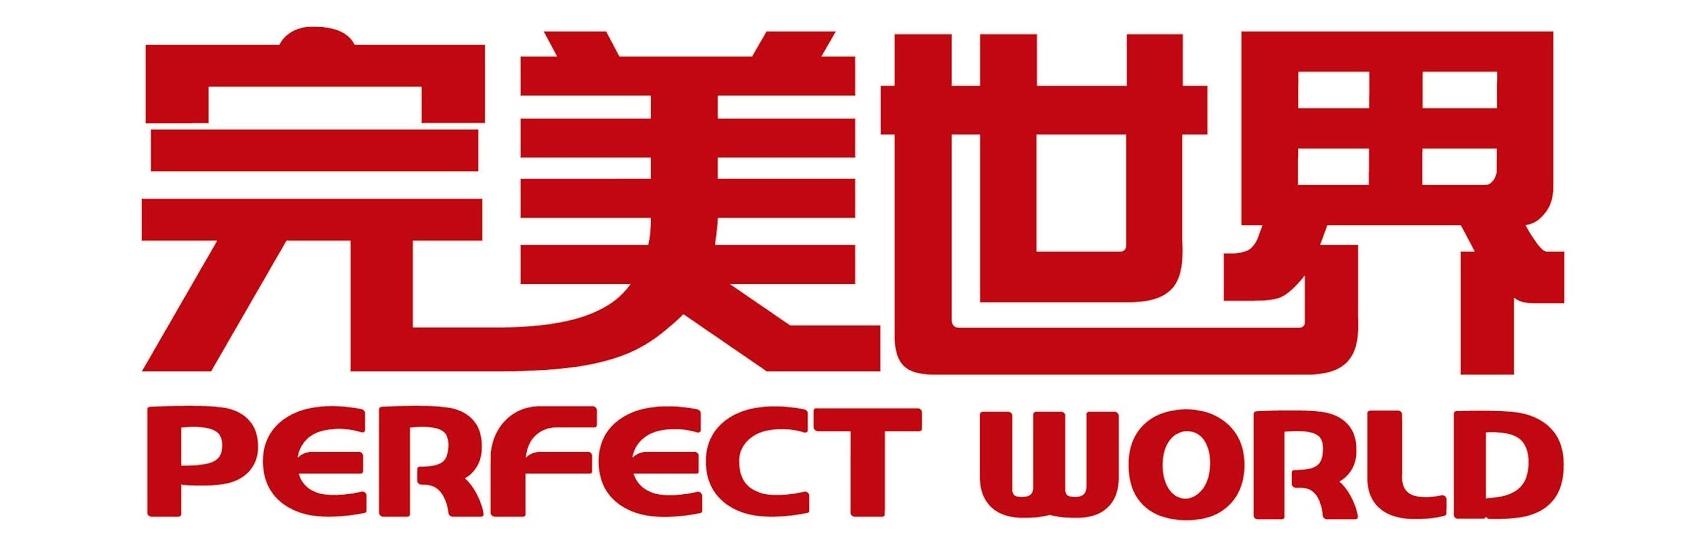 Perfect world novos grficos pgina 16 enquanto esse o logo do jogo perfect world neverfall chins stopboris Choice Image